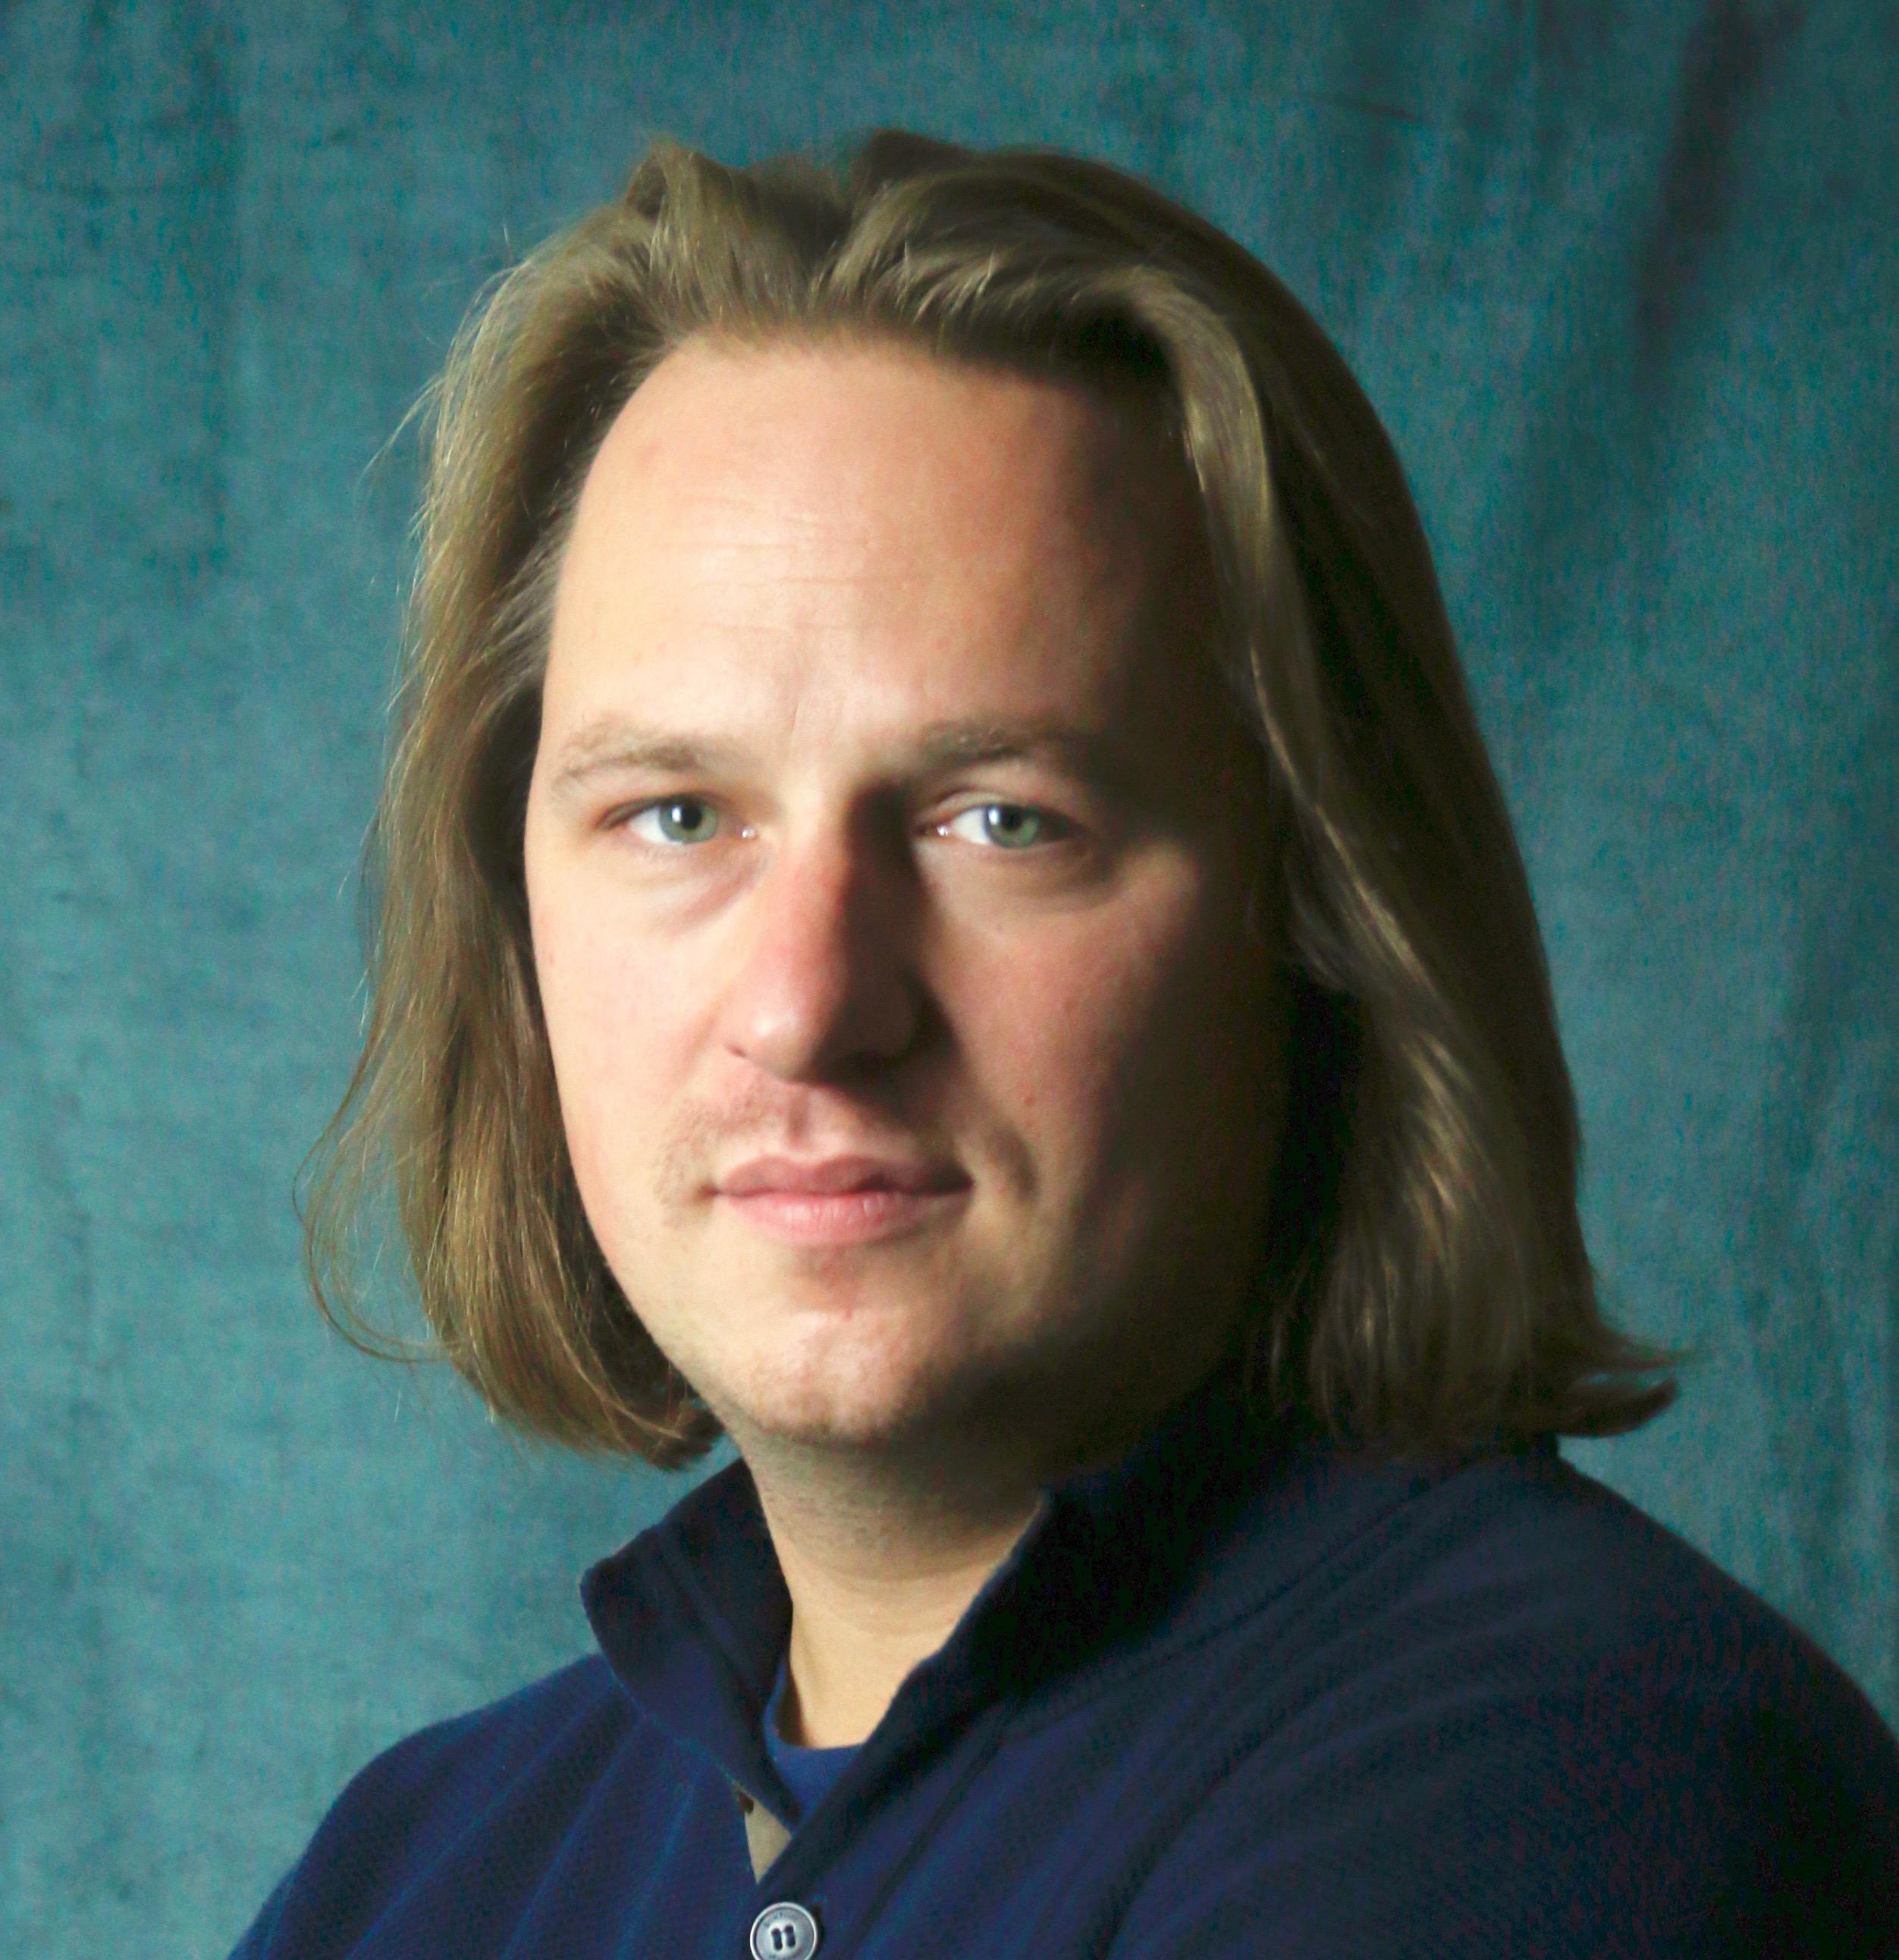 Geoffroy Lejeune - Directeur de la rédaction de Valeurs Actuelles